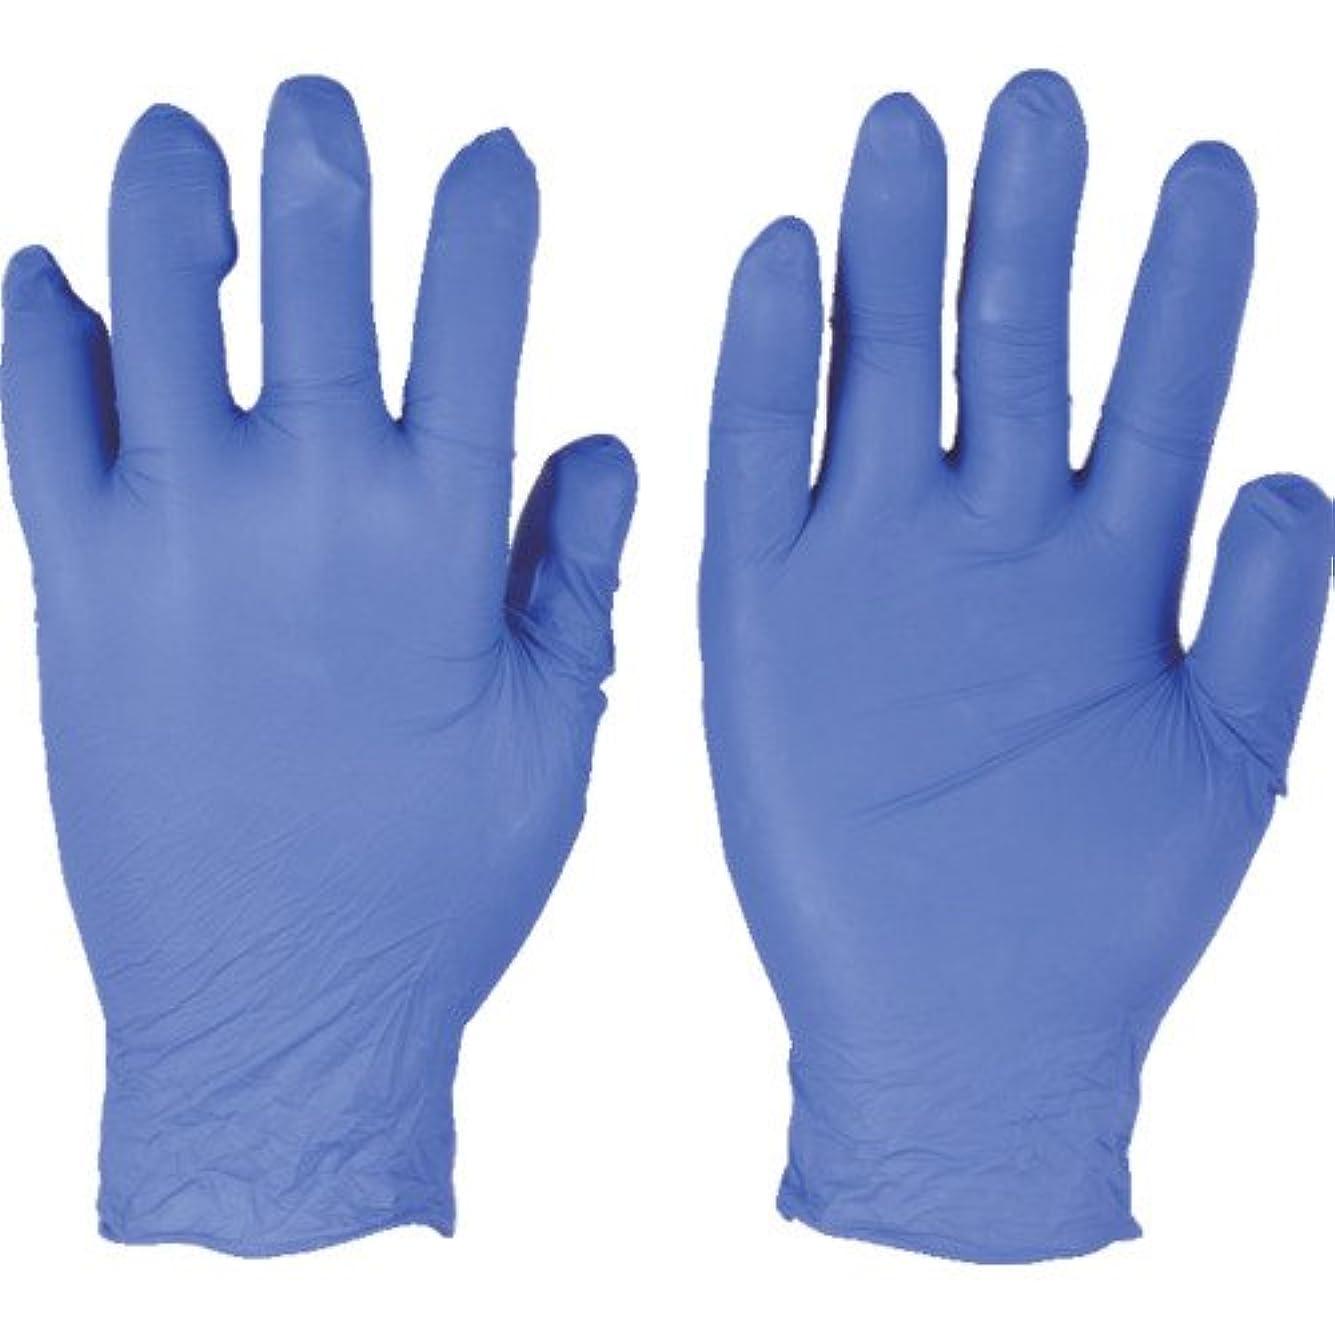 カーフ建設四半期トラスコ中山 アンセル ニトリルゴム使い捨て手袋 エッジ 82-133 XLサイズ(250枚入)   8213310